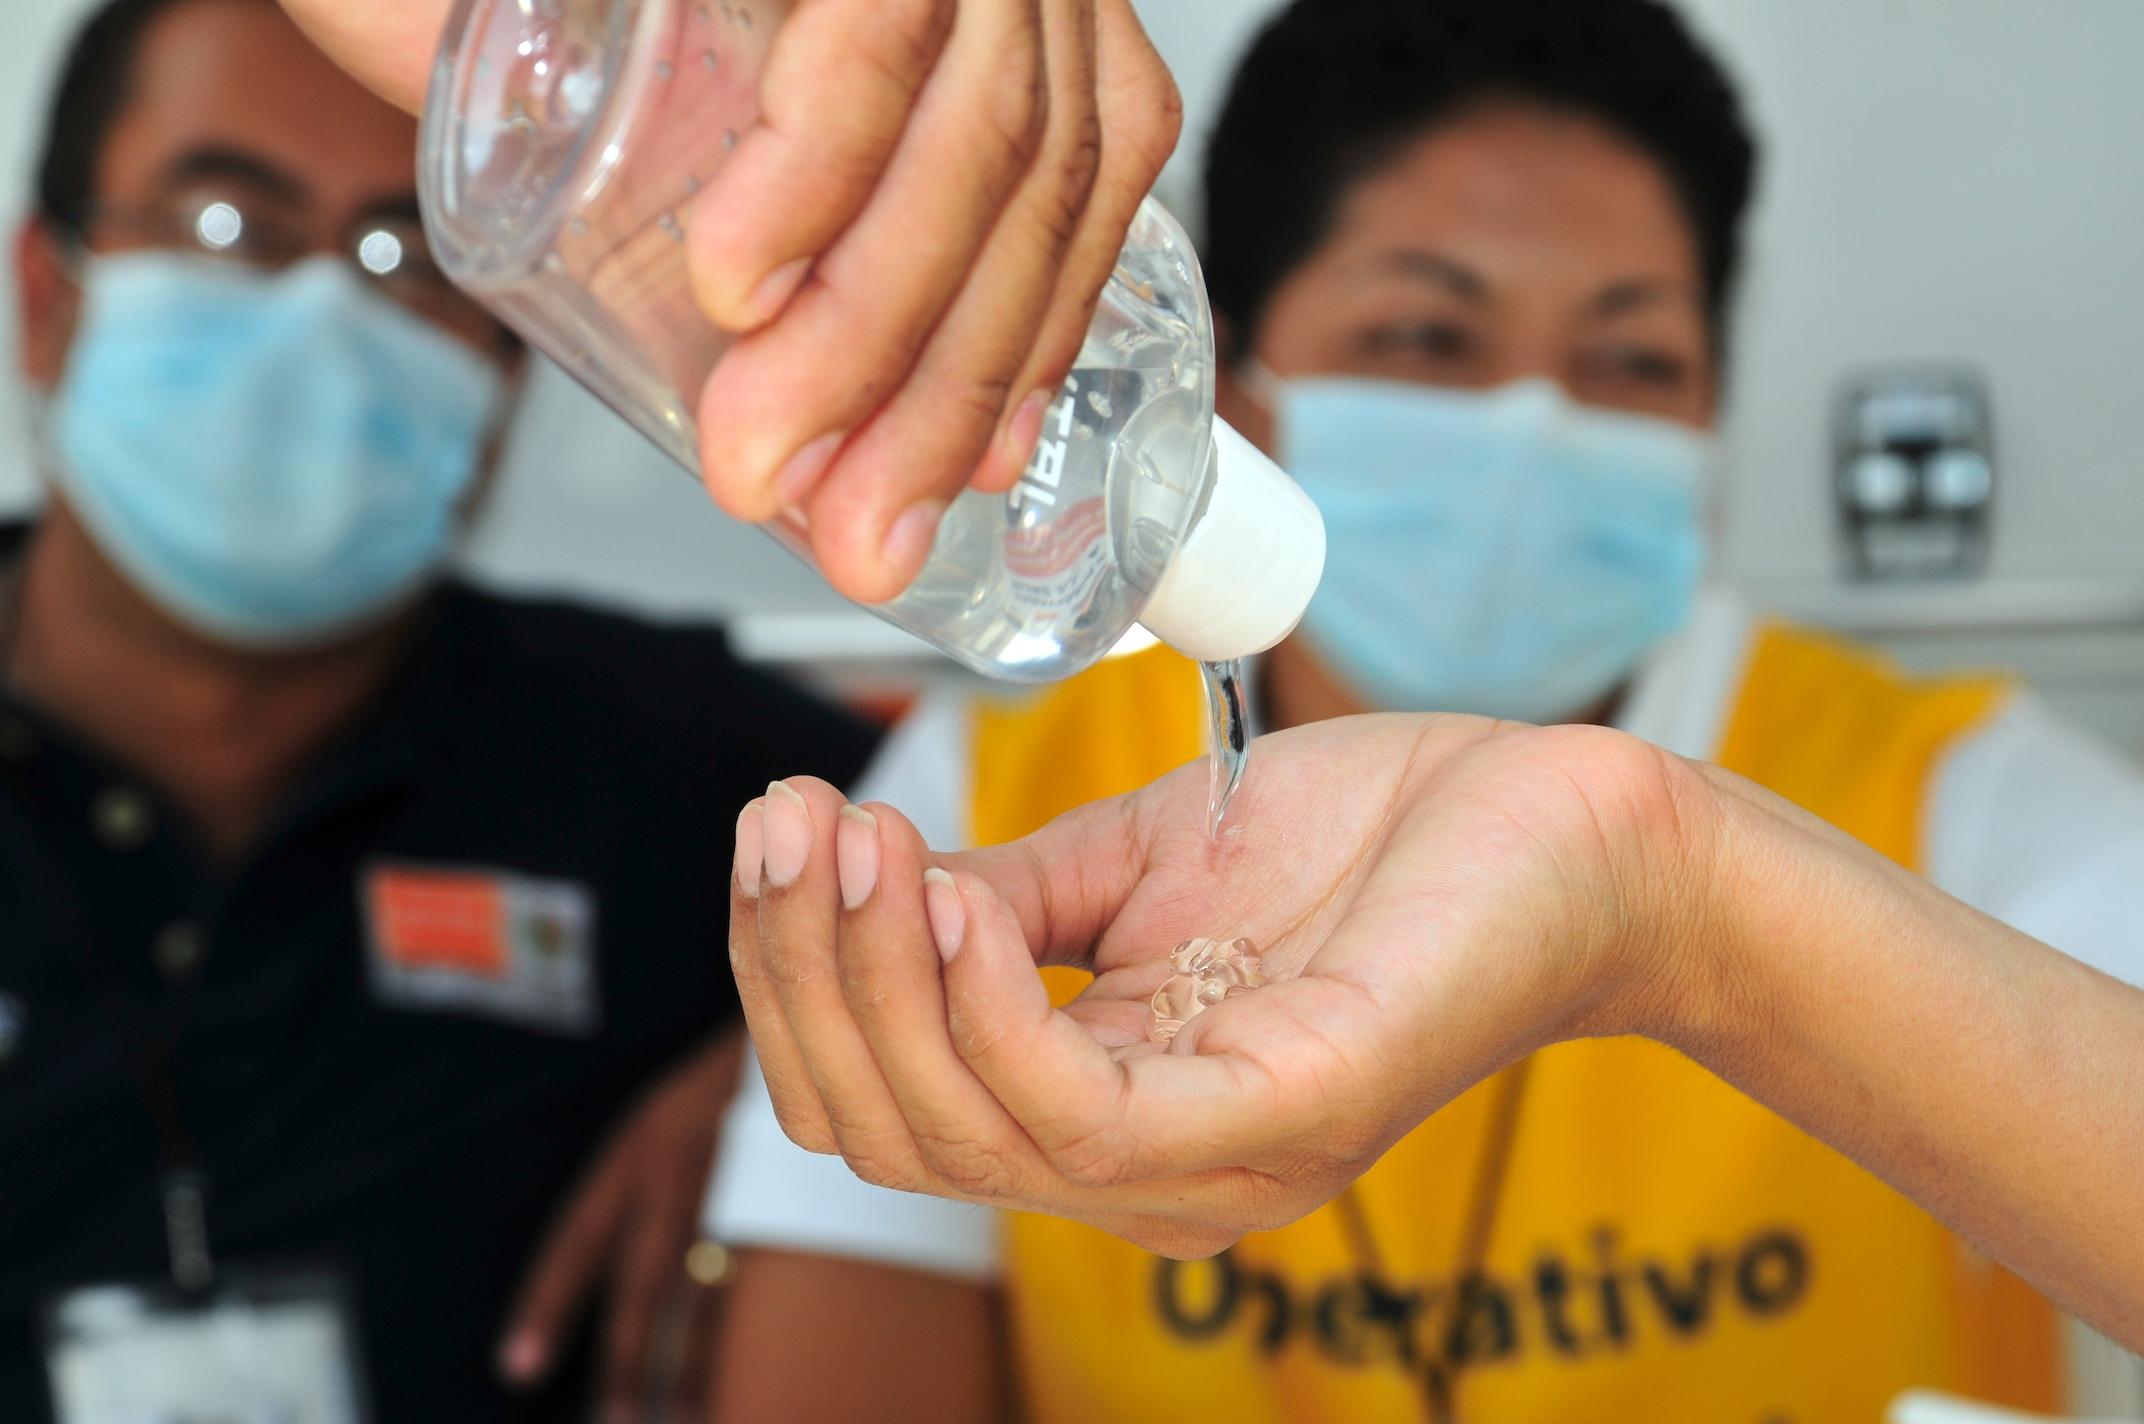 Пять простых способов уберечь себя от гриппа